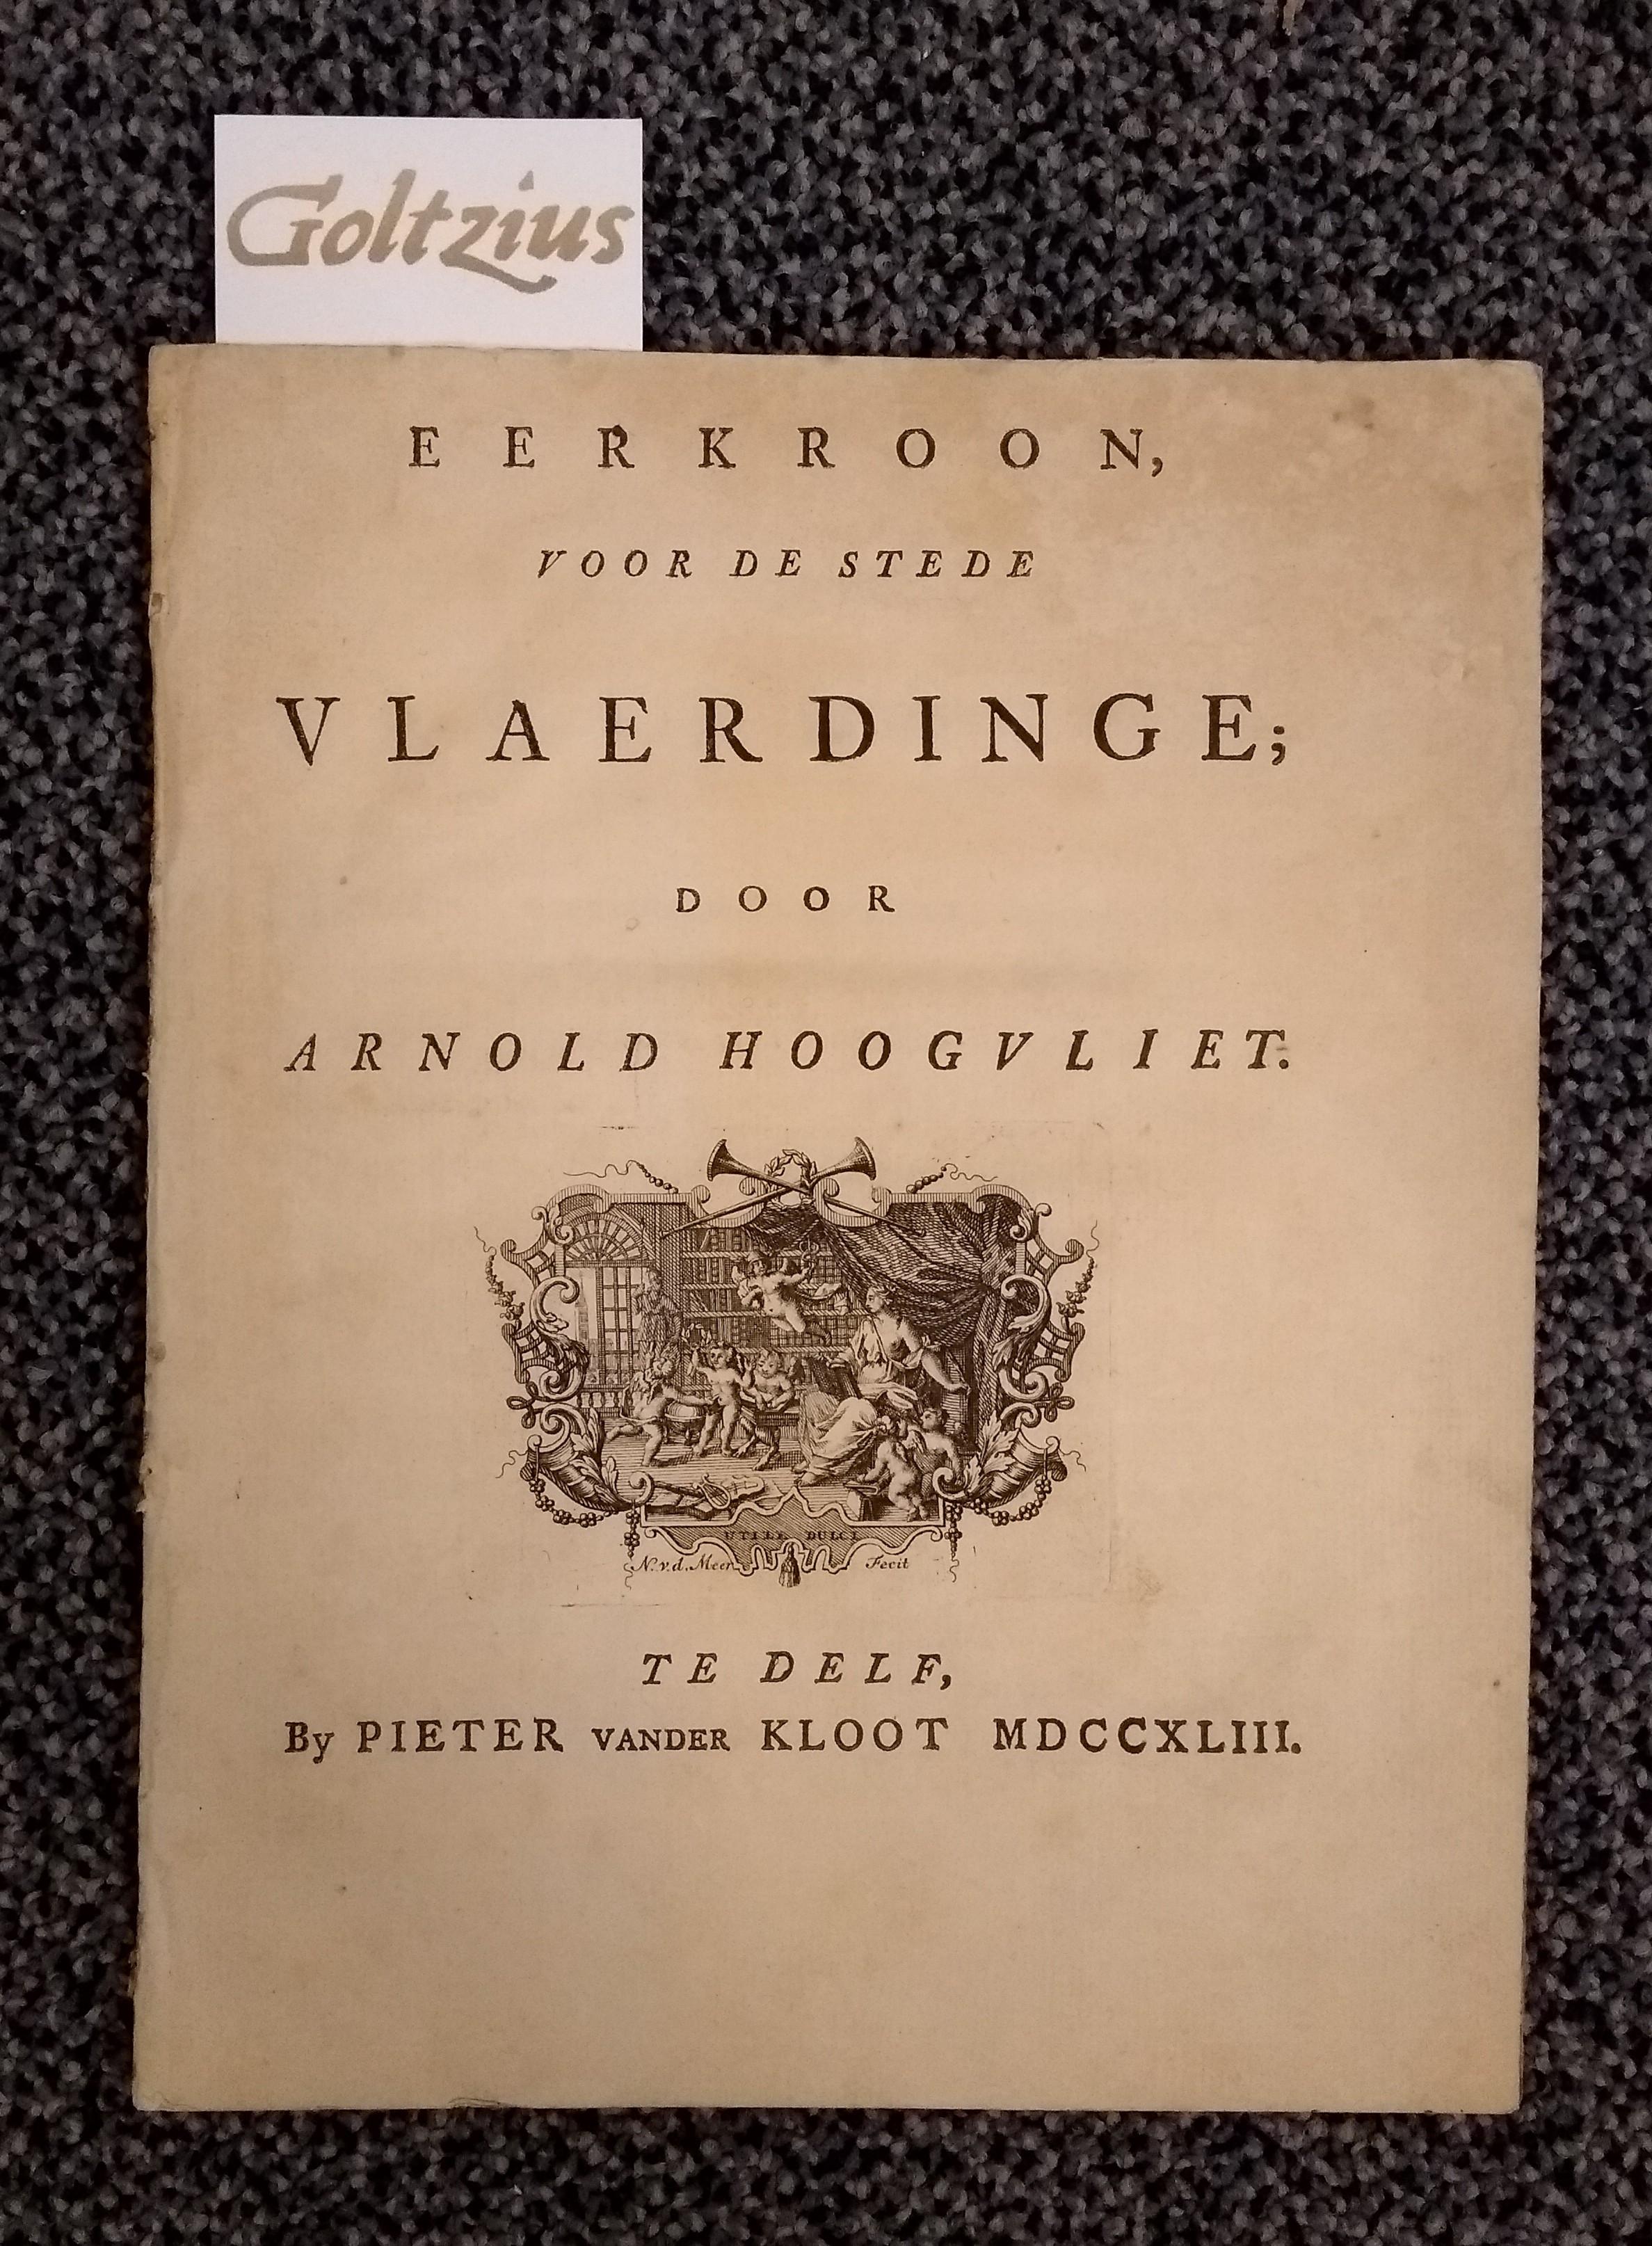 HOOGVLIET, ARNOLD, Eerkroon, voor de stede Vlaerdinge